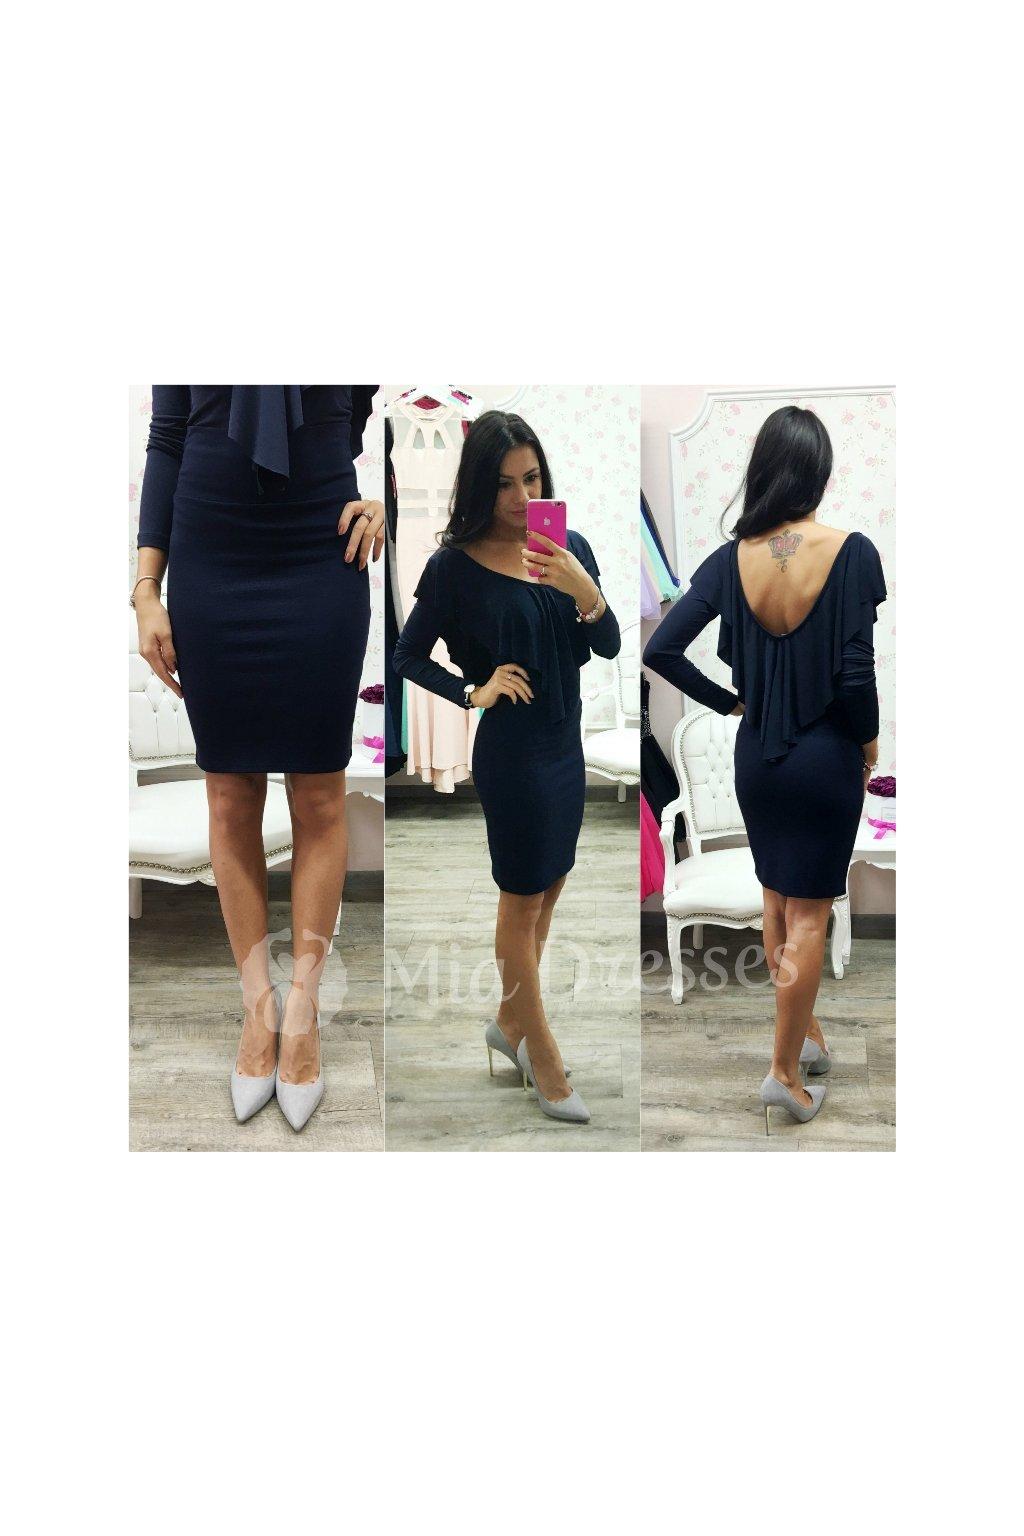 Tmavomodrá sukňa s vysokým pásom